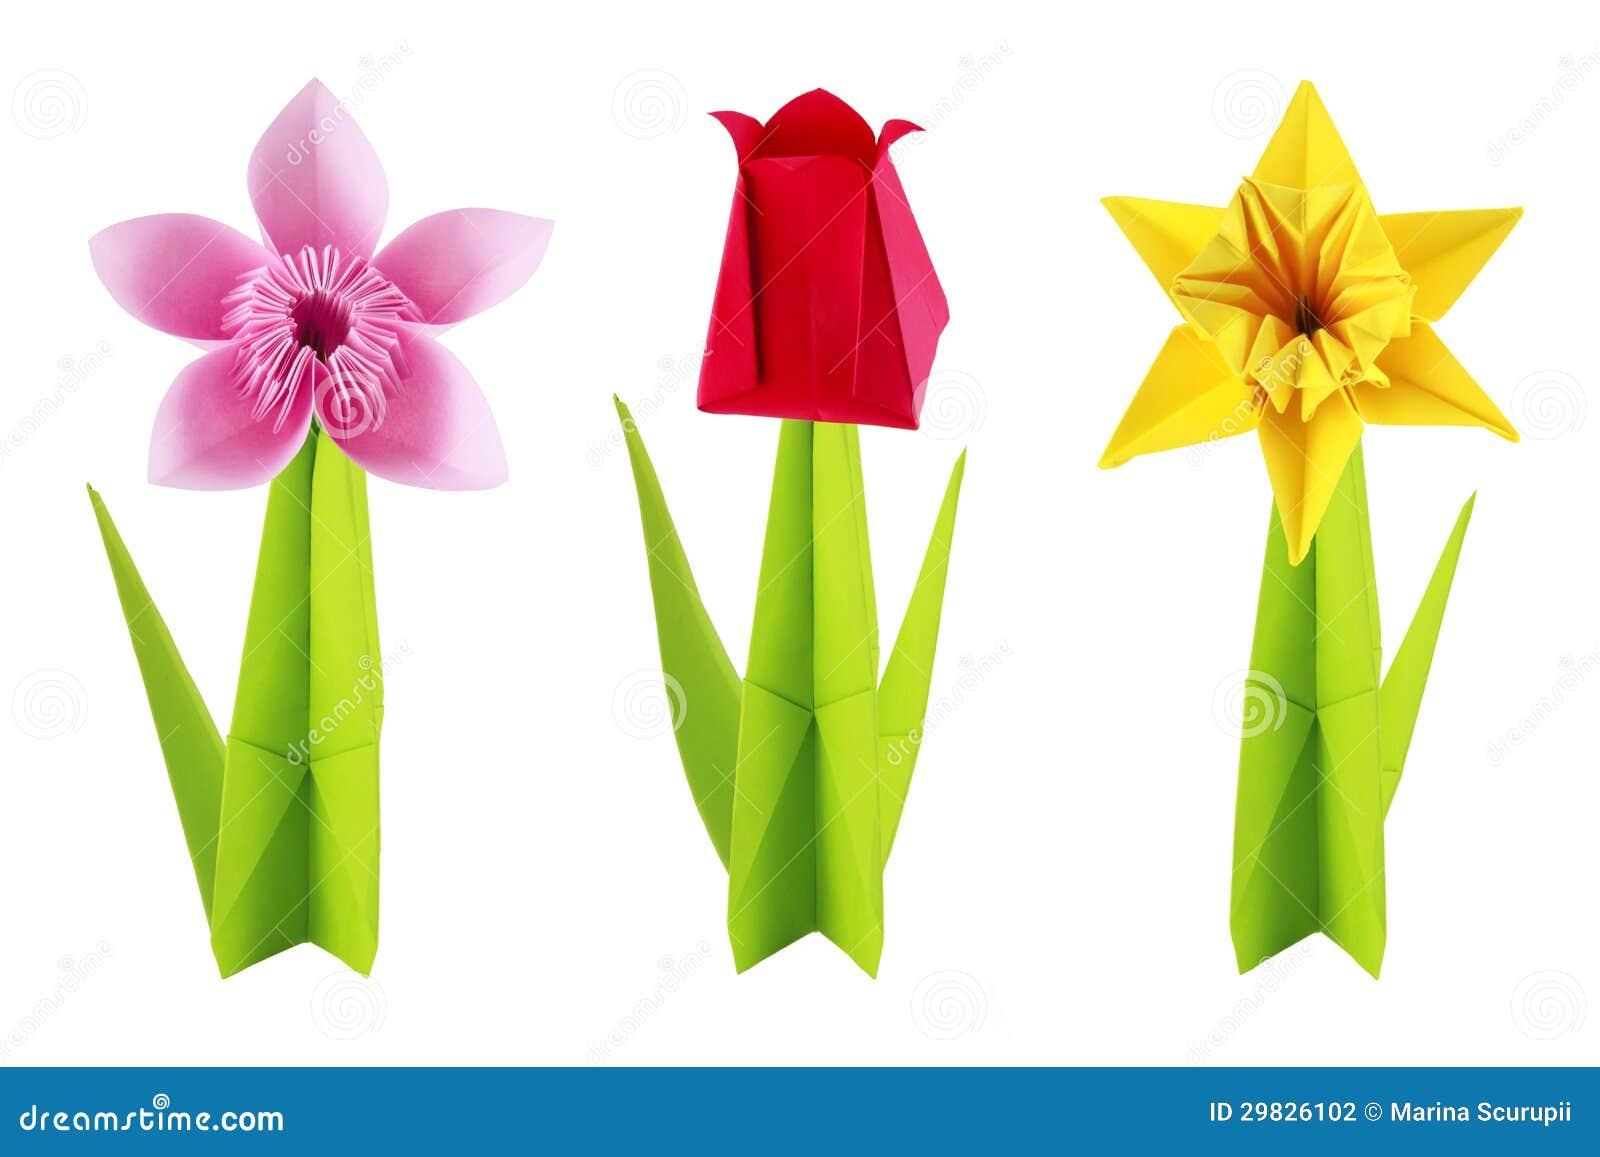 0rigami Fiori.Fiori Di Origami Messi Fotografia Stock Immagine Di Fiore 29826102